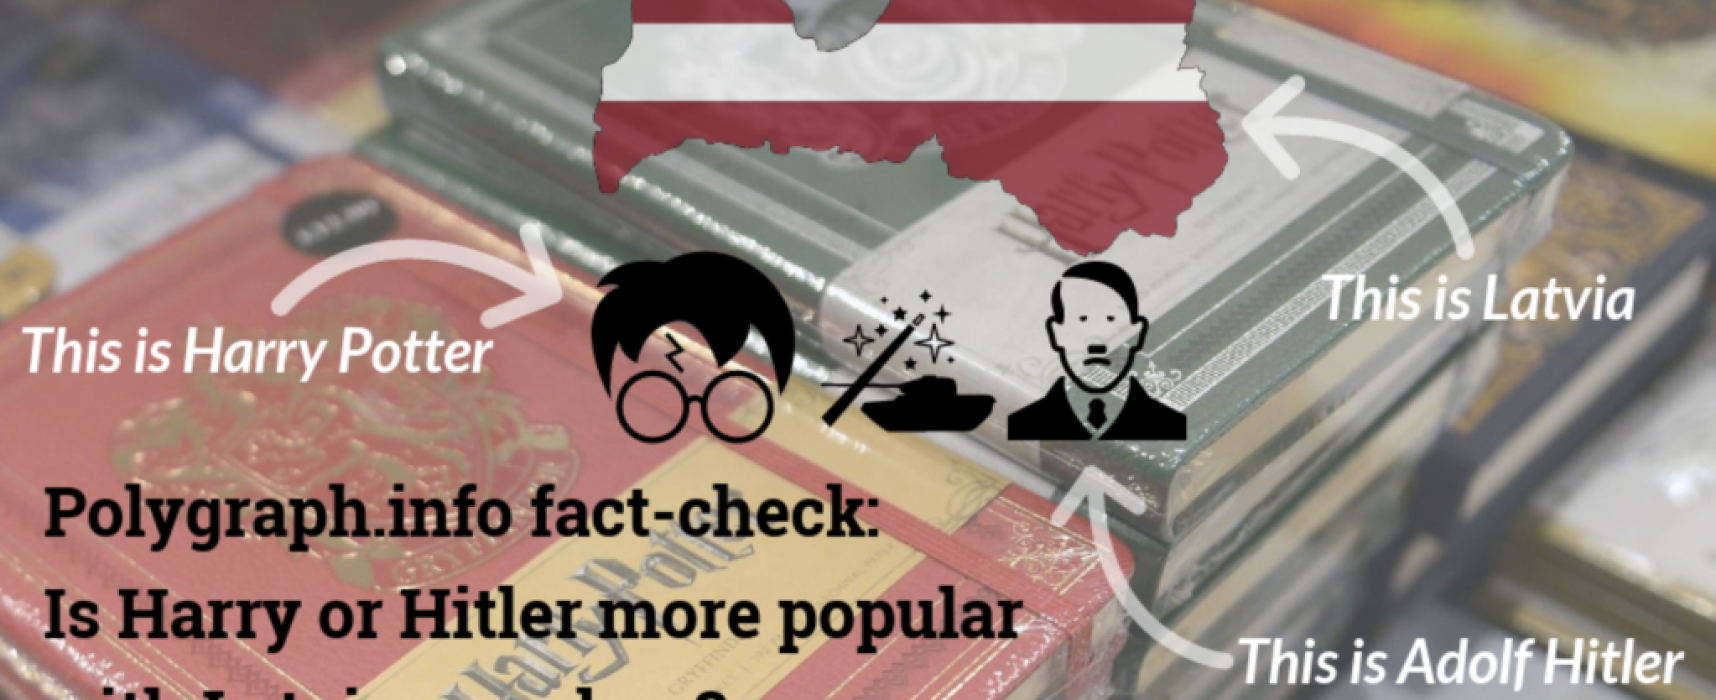 Sputnik a Zvezda tvrdí, že v Lotyšsku je populárnější Hitlerův Mein Kampf než Harry Potter